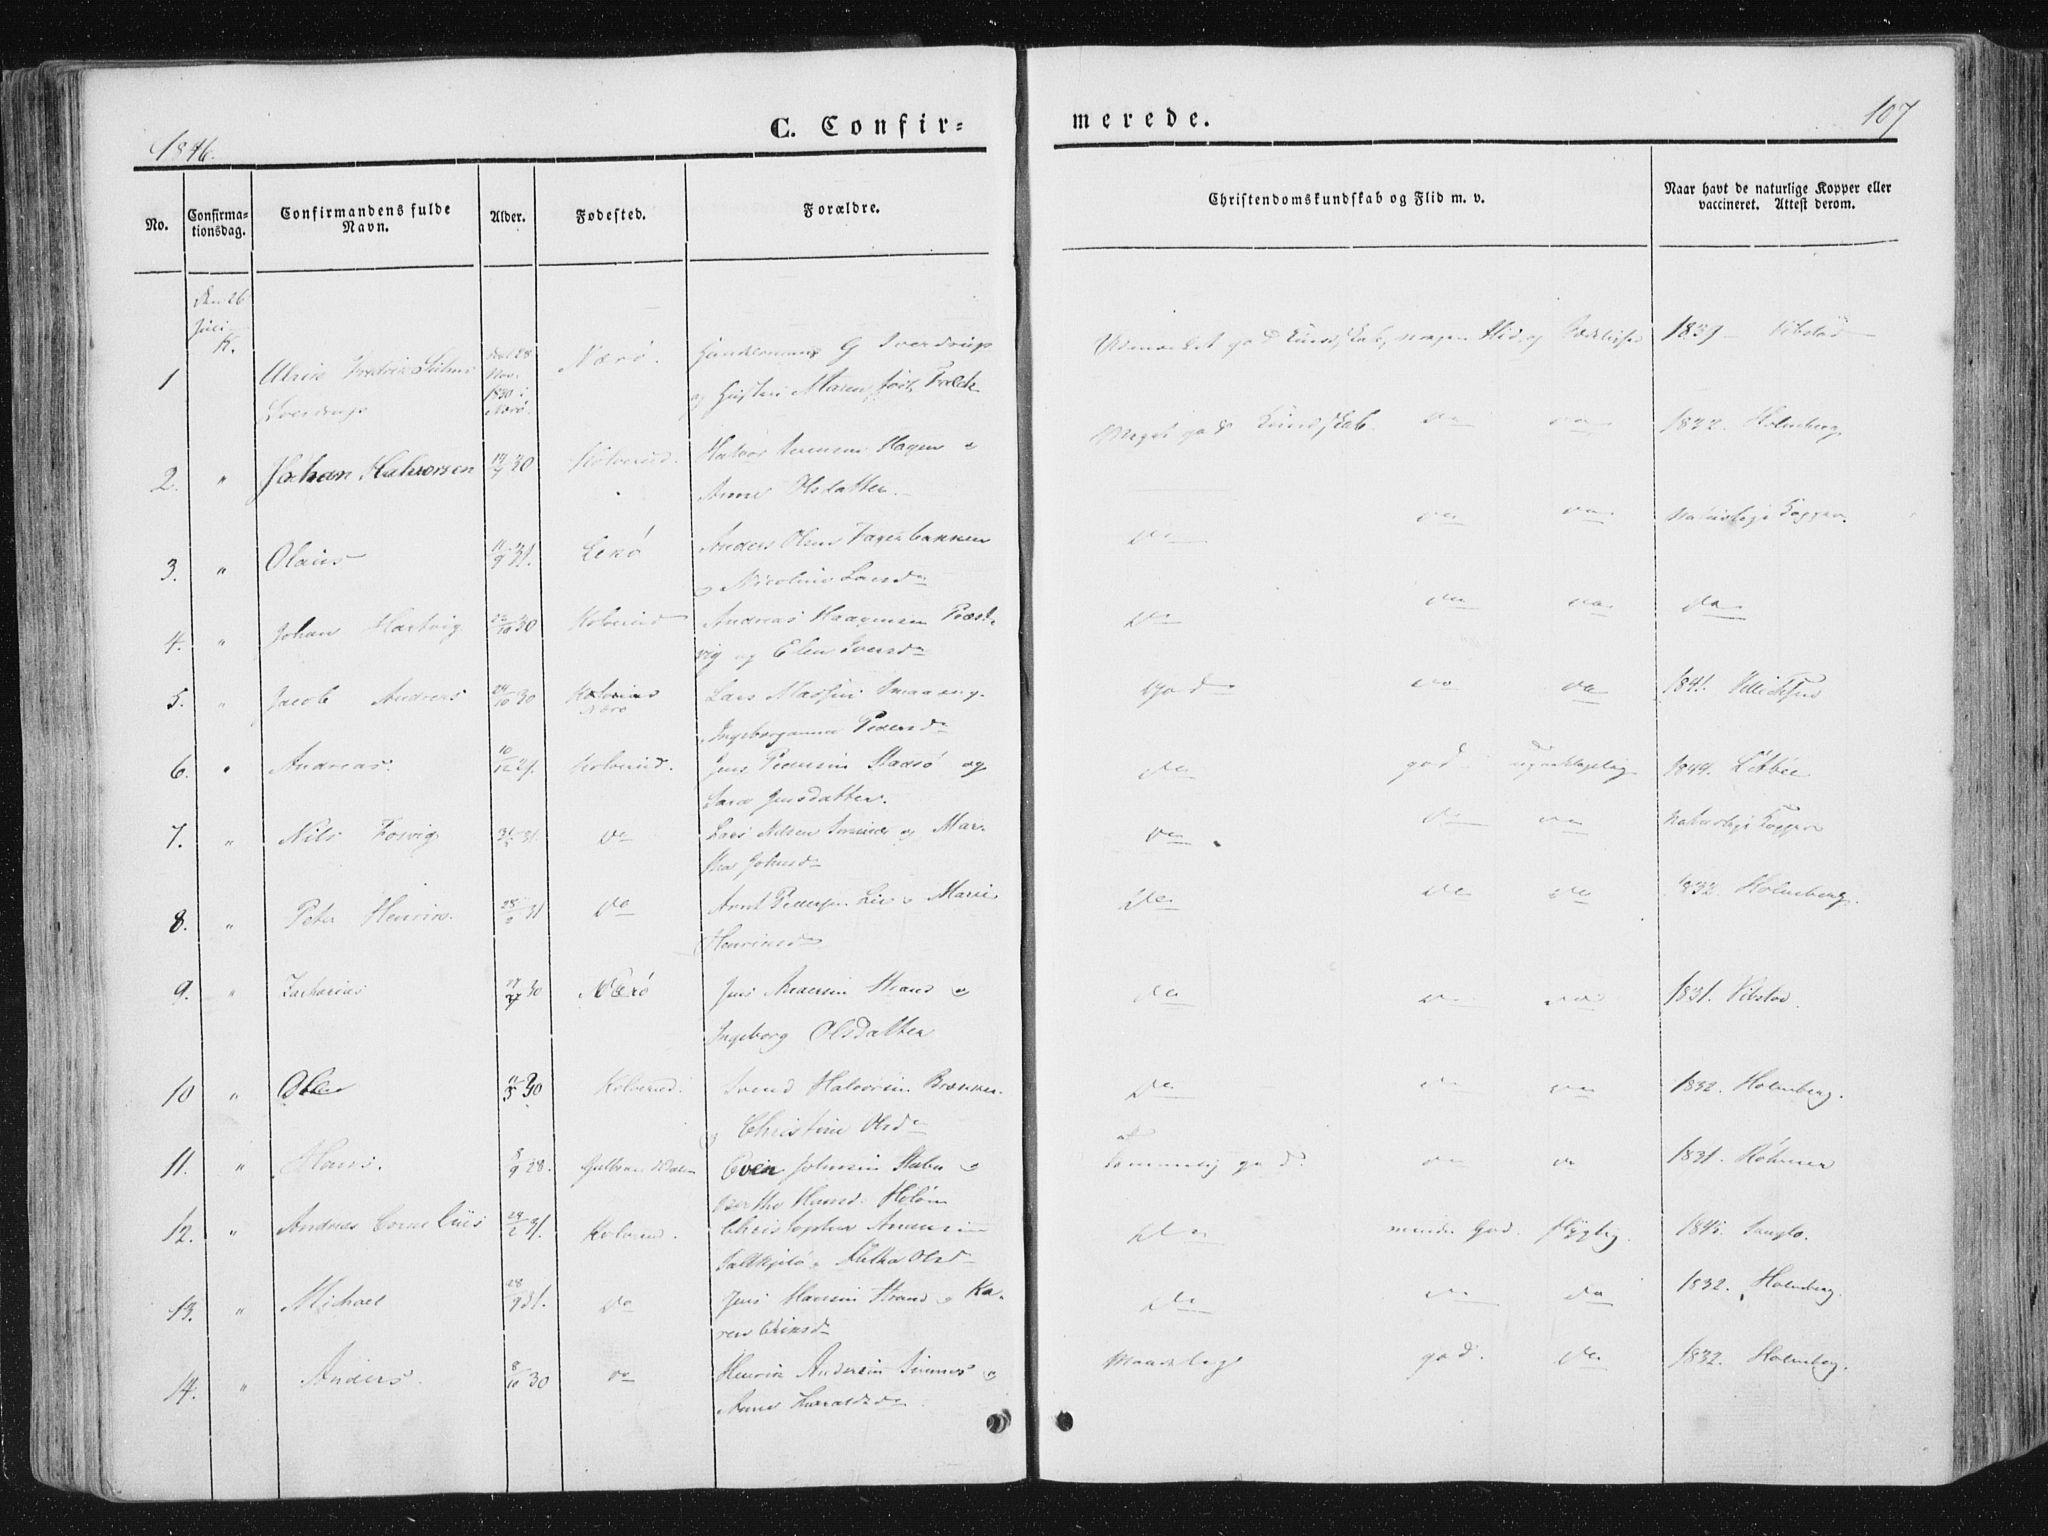 SAT, Ministerialprotokoller, klokkerbøker og fødselsregistre - Nord-Trøndelag, 780/L0640: Ministerialbok nr. 780A05, 1845-1856, s. 107